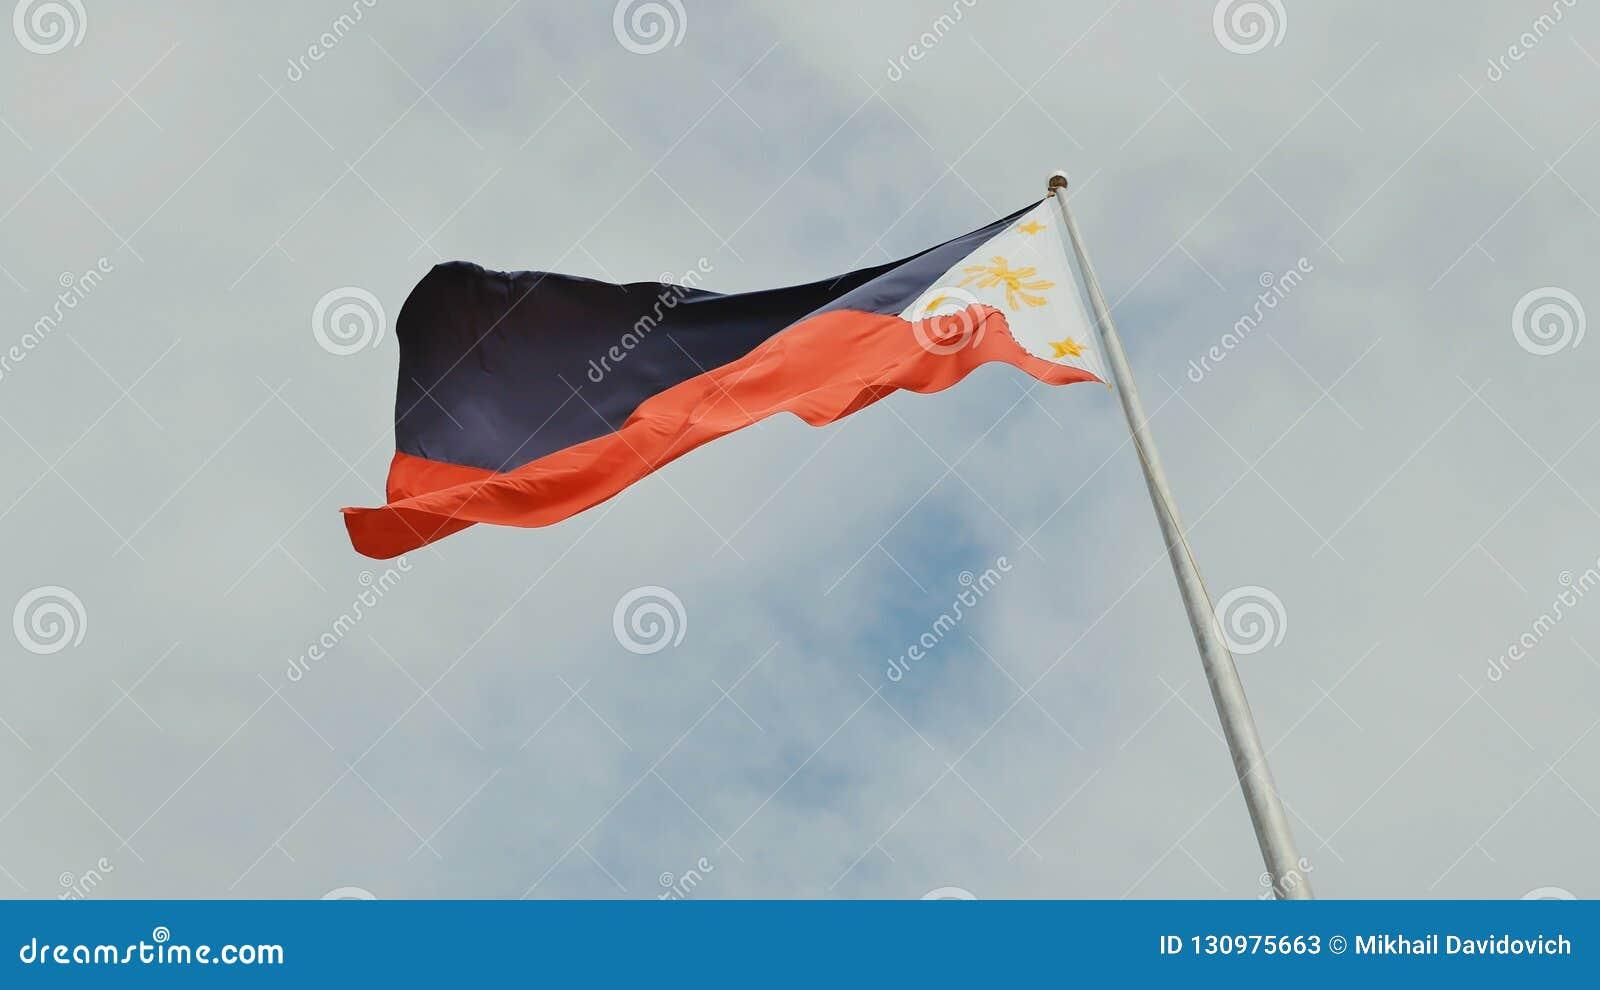 Vliegende tweekleurige vlag van de Filippijnen met centrale gouden zon die de provincies en de sterren vertegenwoordigen de eilan